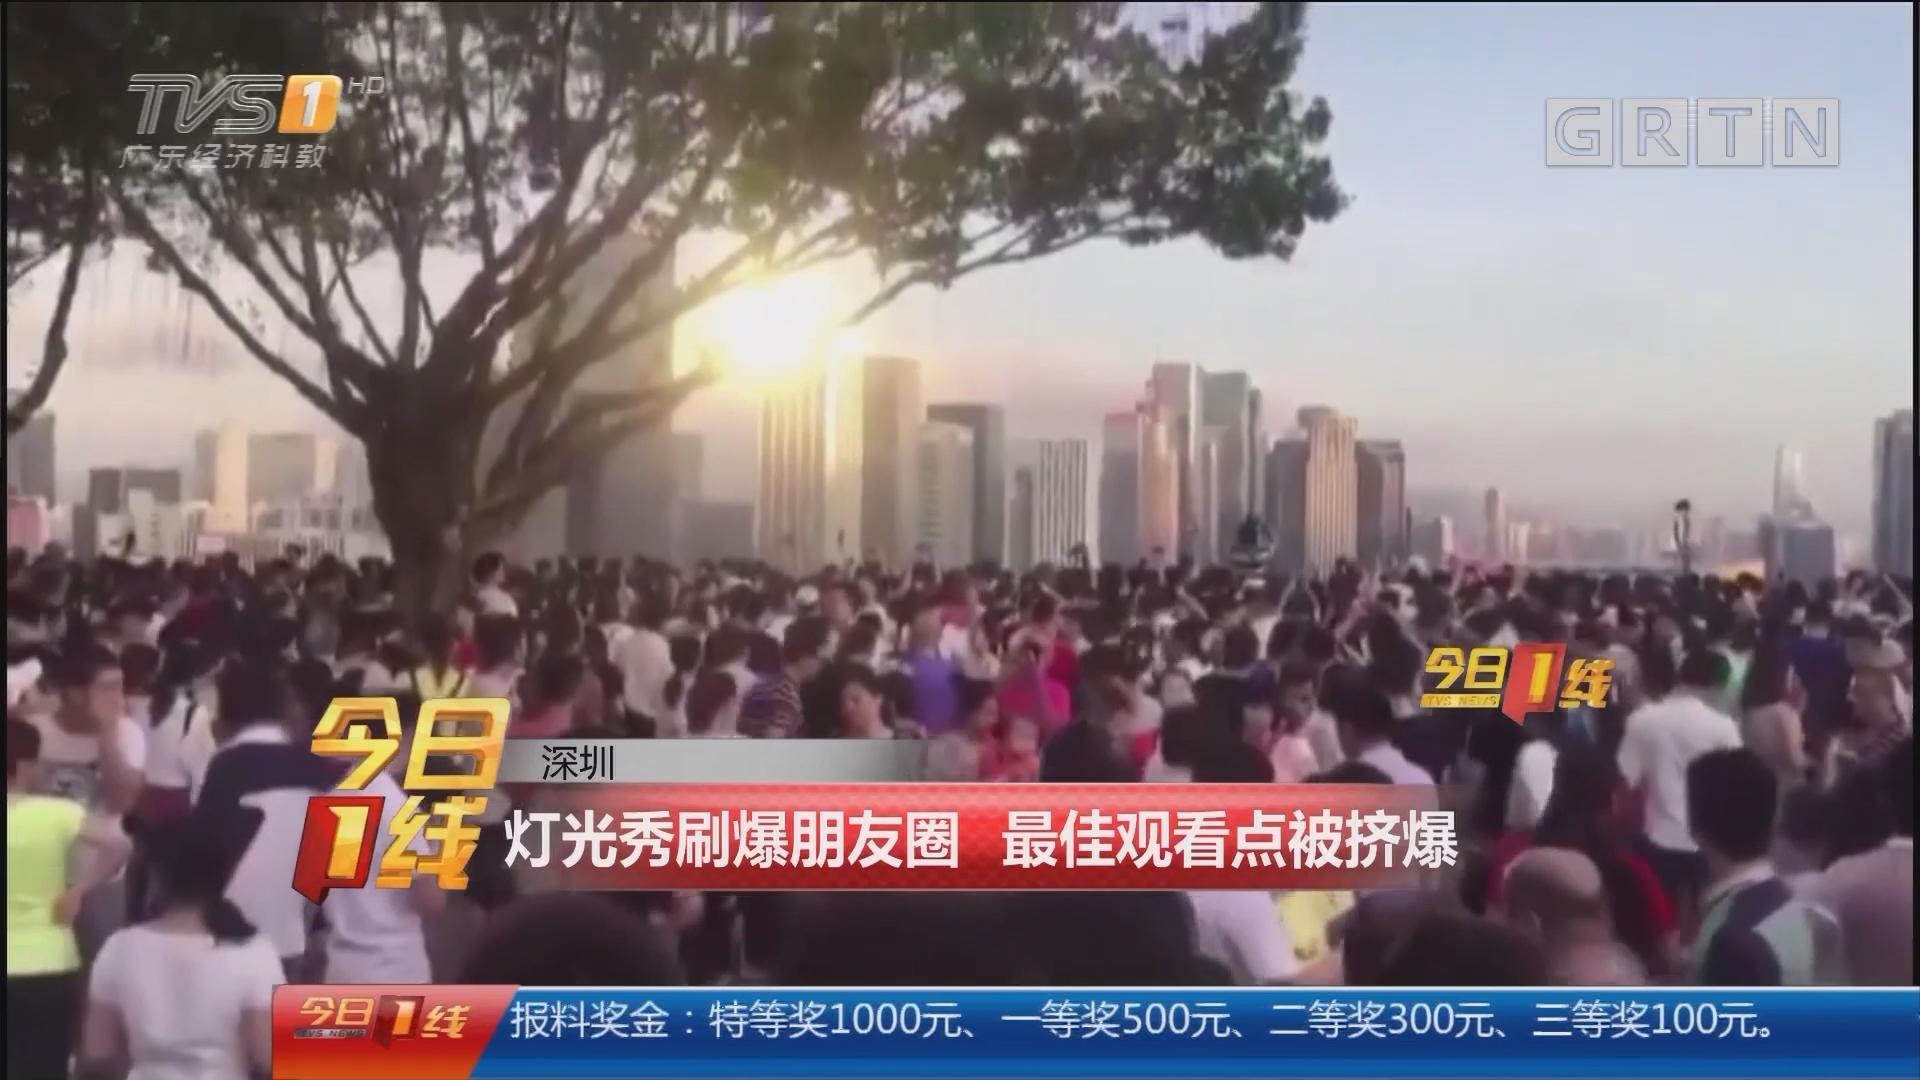 深圳:灯光秀刷爆朋友圈 最佳观看点被挤爆